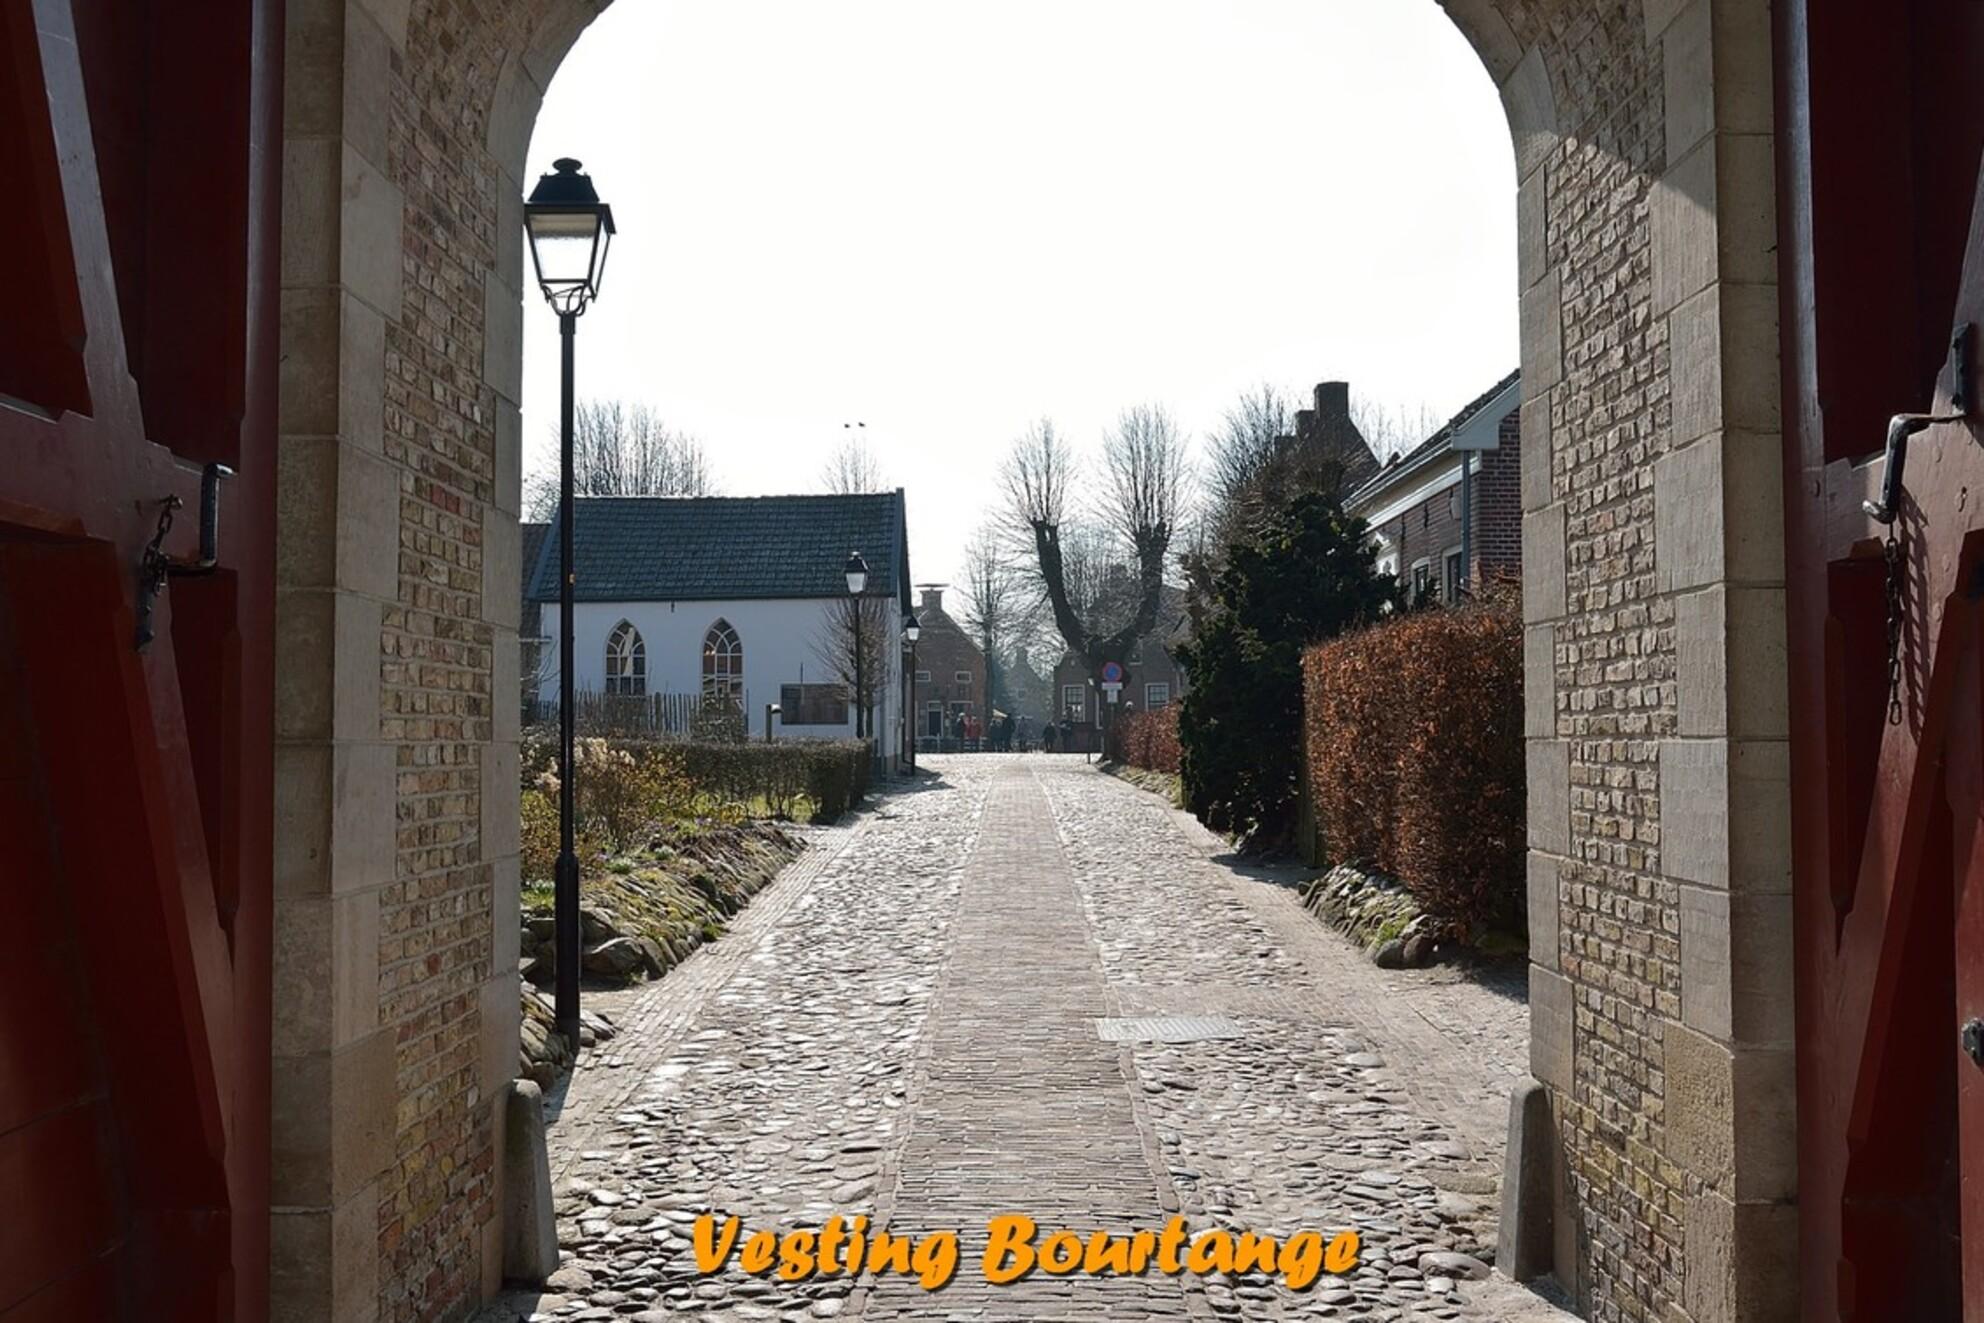 Vesting Boutange - In 1580, tijdens de Nederlandse Opstand, volgde de stad Groningen de noordelijke stadhouder Rennenberg in zijn keuze voor Spanje. De stad werd toen b - foto door johandekens op 20-03-2016 - deze foto bevat: architectuur, groningen, poort, vlagtwedde, vesting bourtange, Bommen Berend - Deze foto mag gebruikt worden in een Zoom.nl publicatie